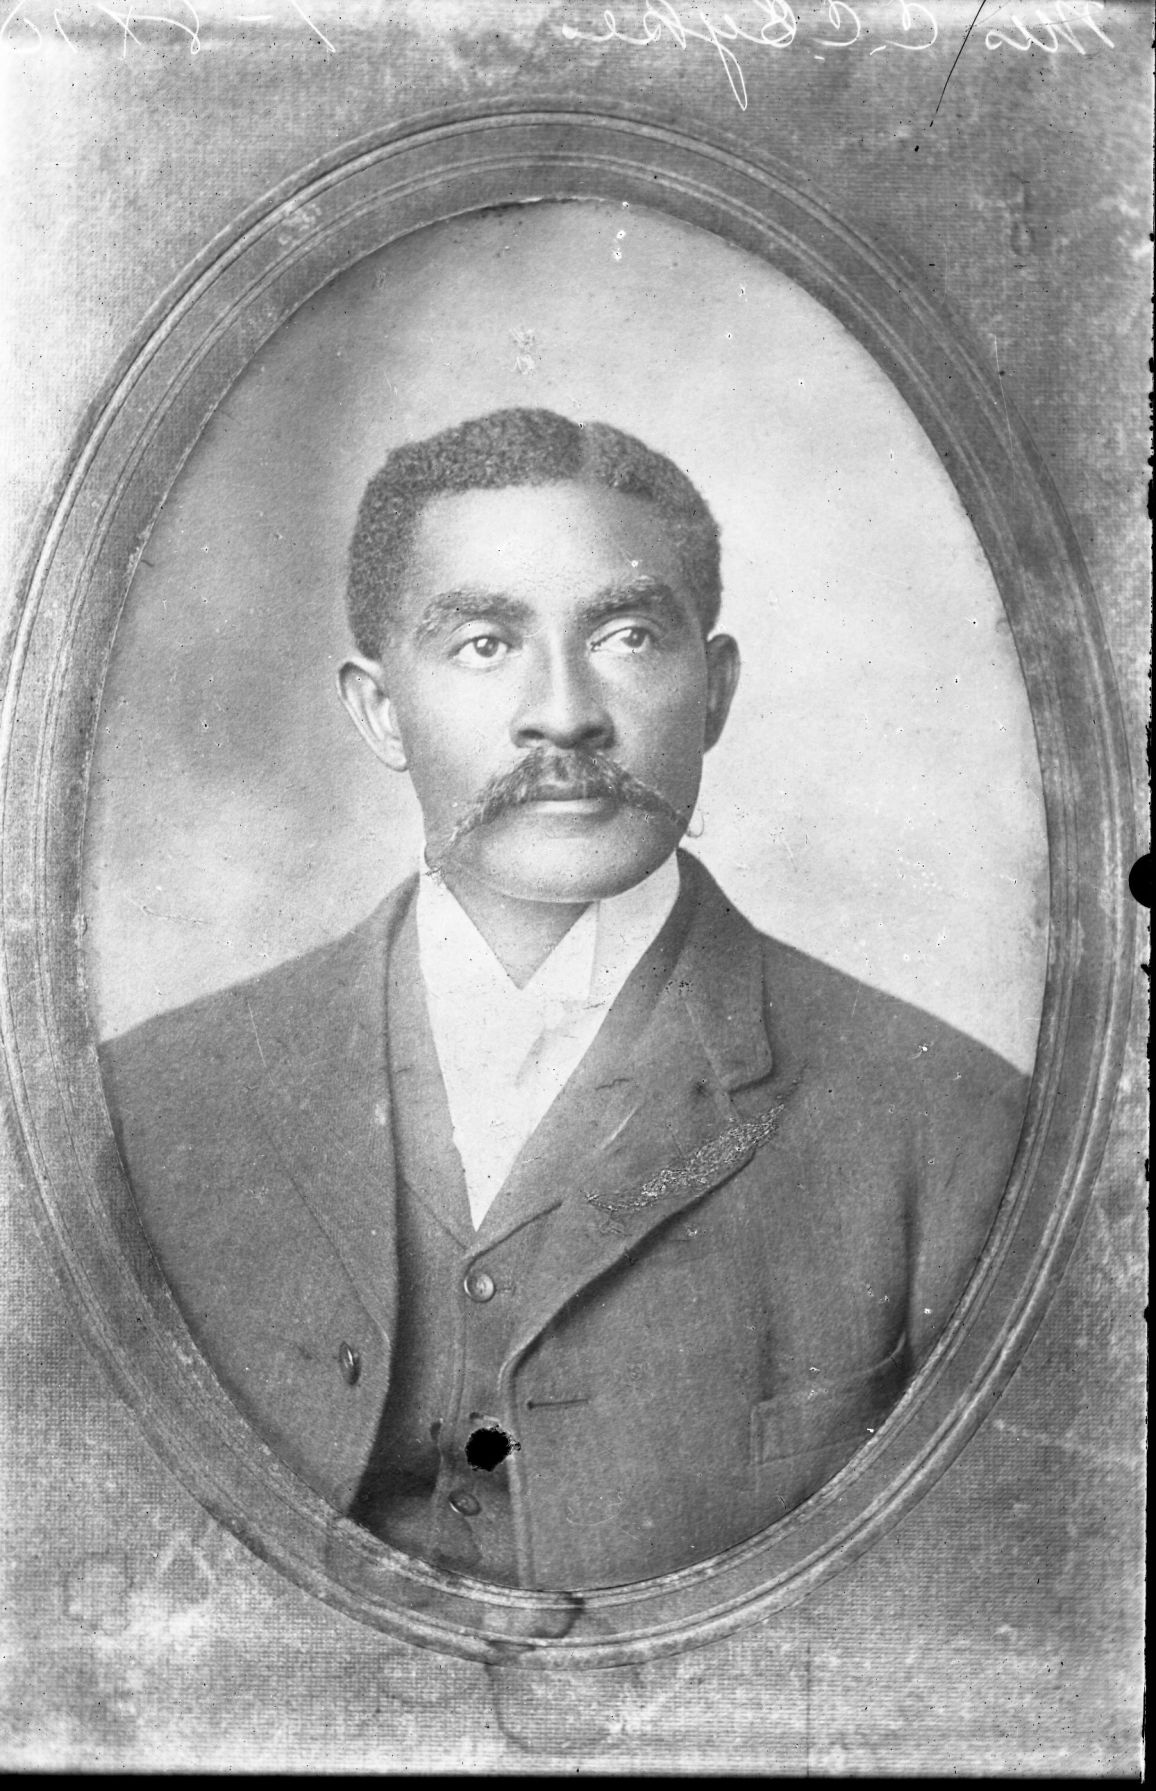 C.C. Sykes